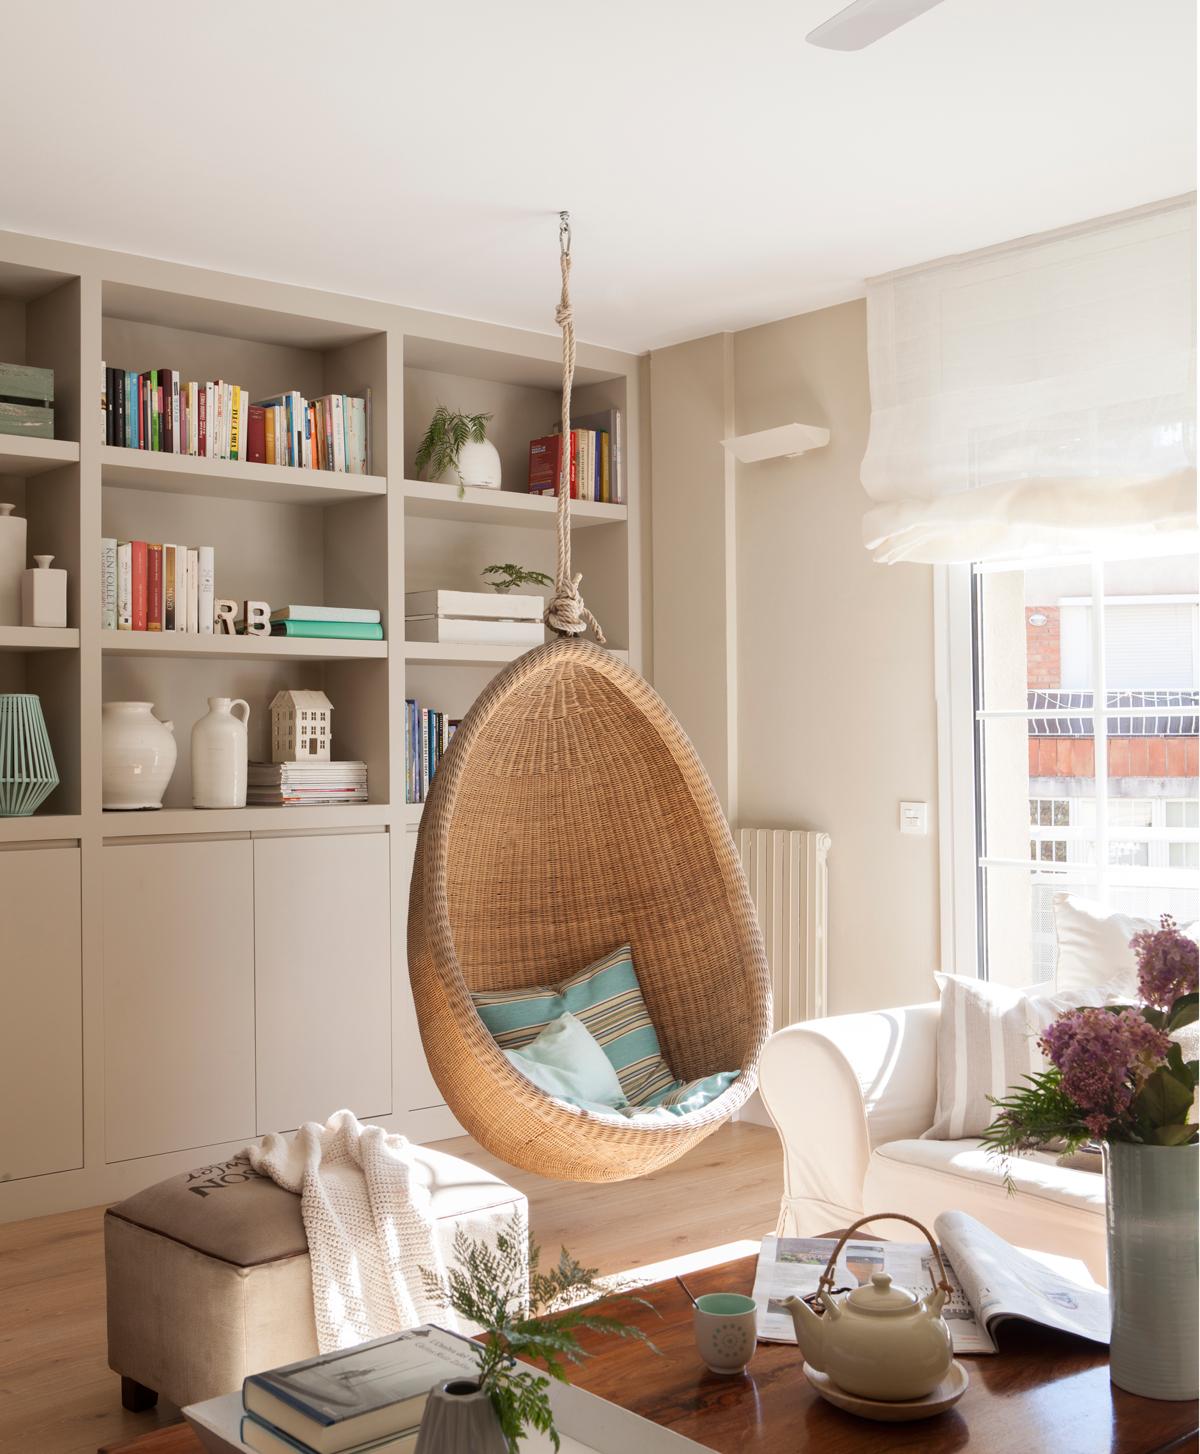 Muebles y complementos que se cuelgan - Sillas colgantes del techo ...